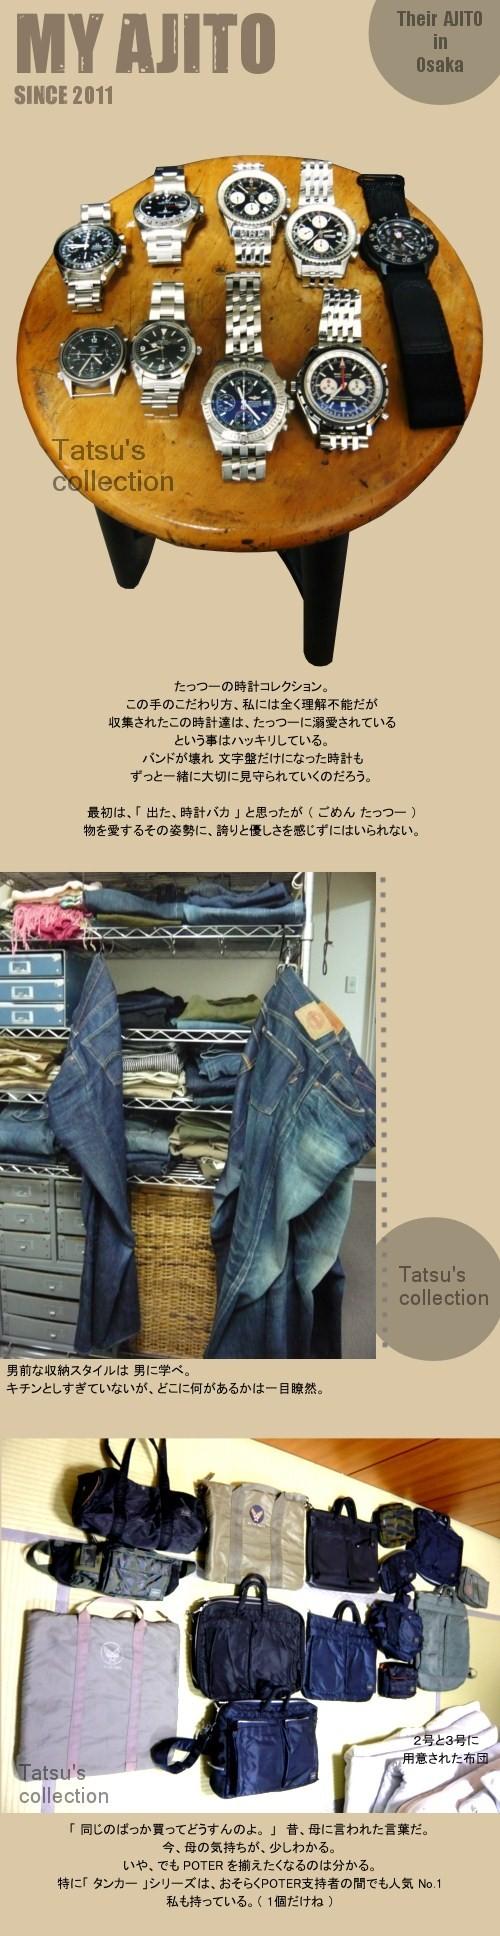 OSAKA_4.jpg